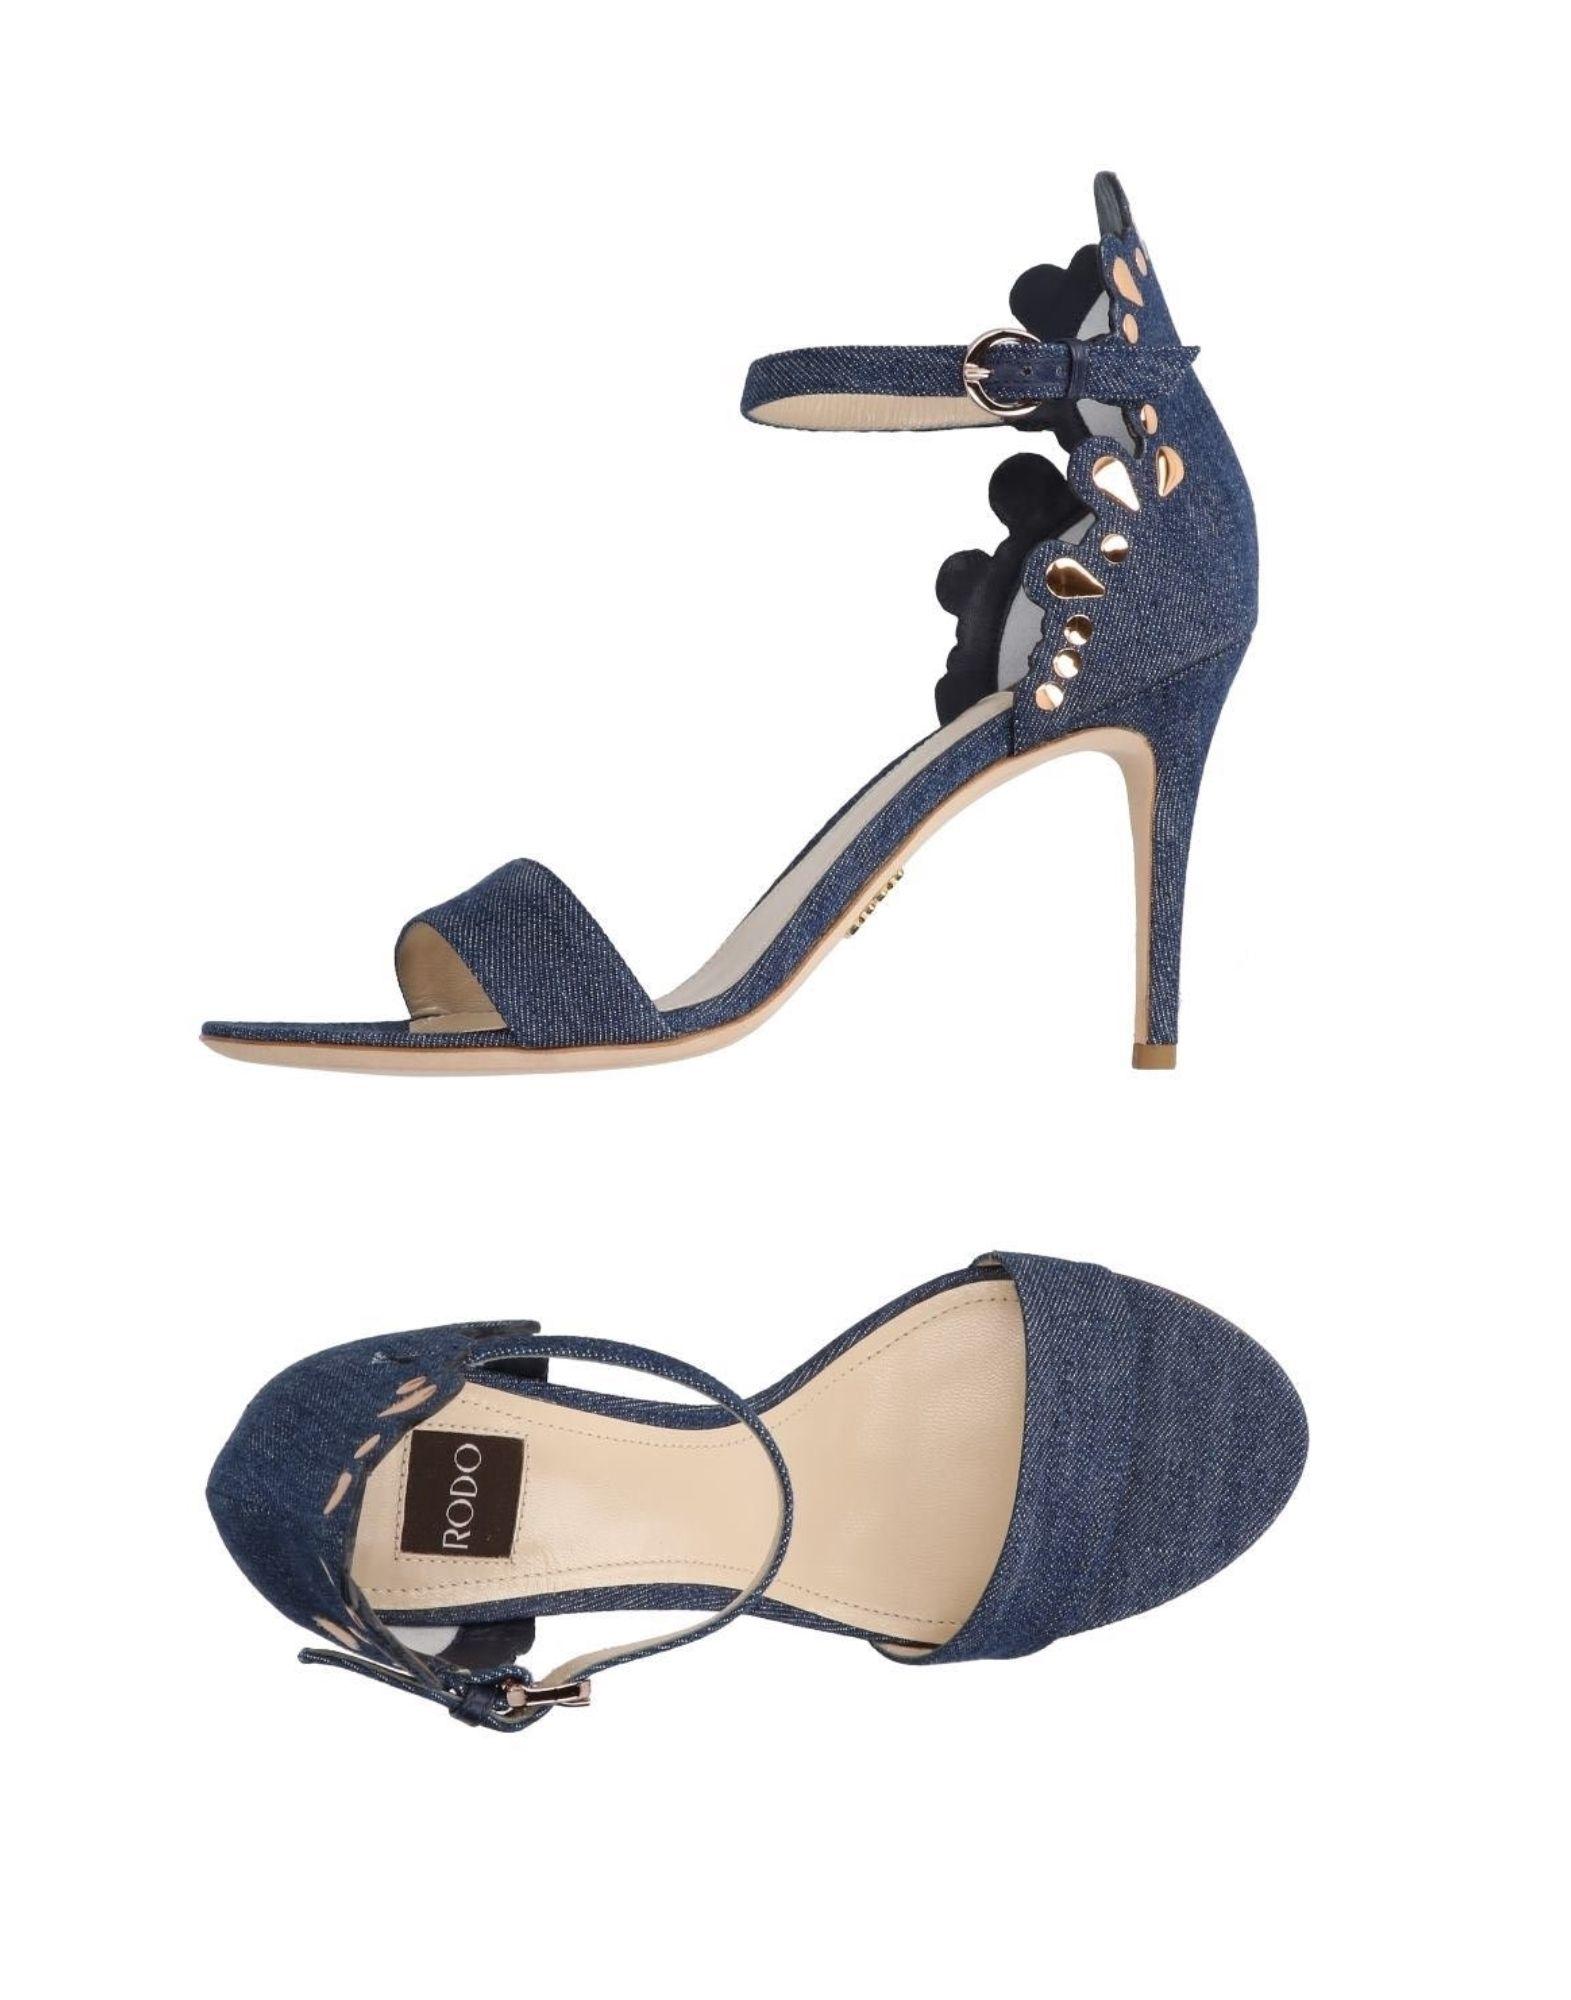 Rodo Sandals Sandals - Women Rodo Sandals Rodo online on  United Kingdom - 11465626KX 572e7a